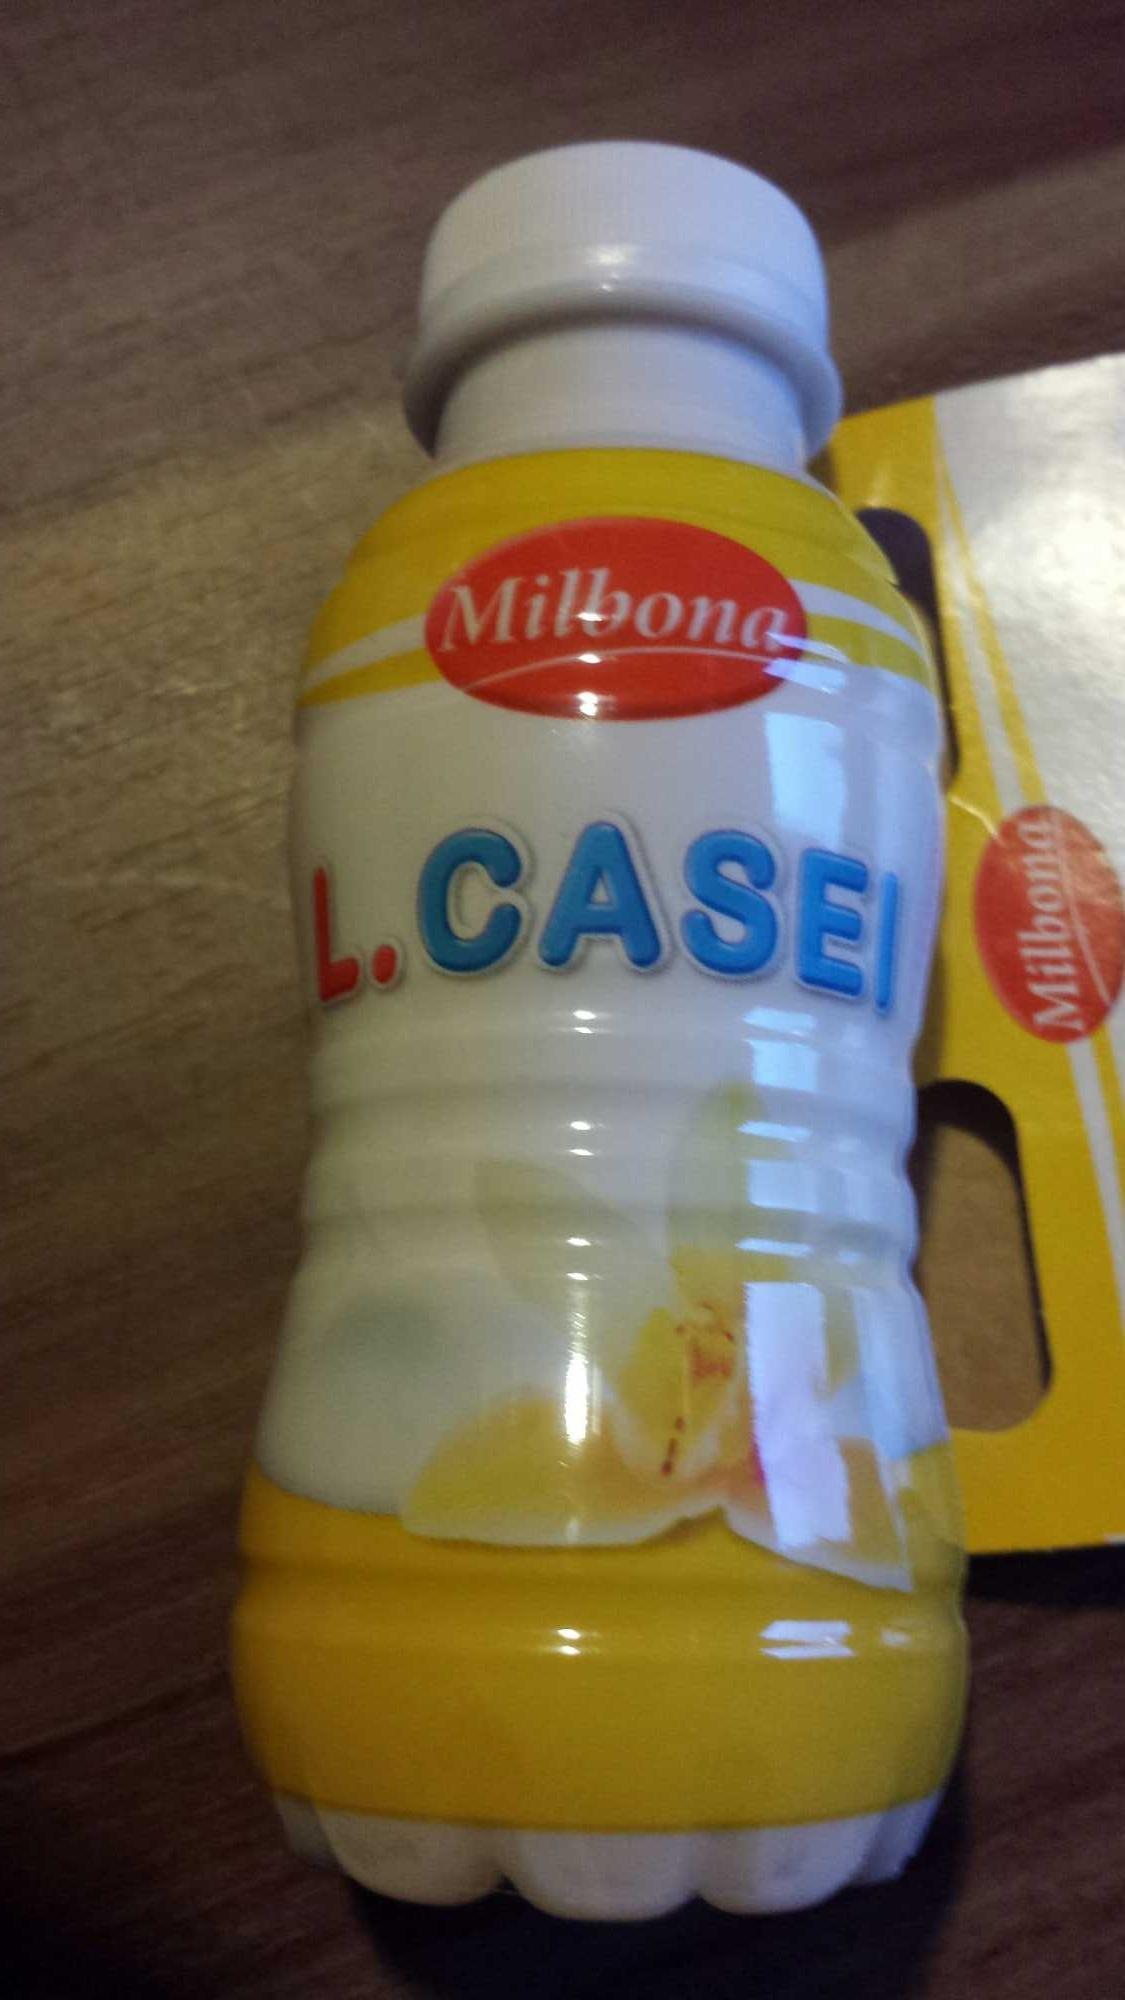 L.Casei - Product